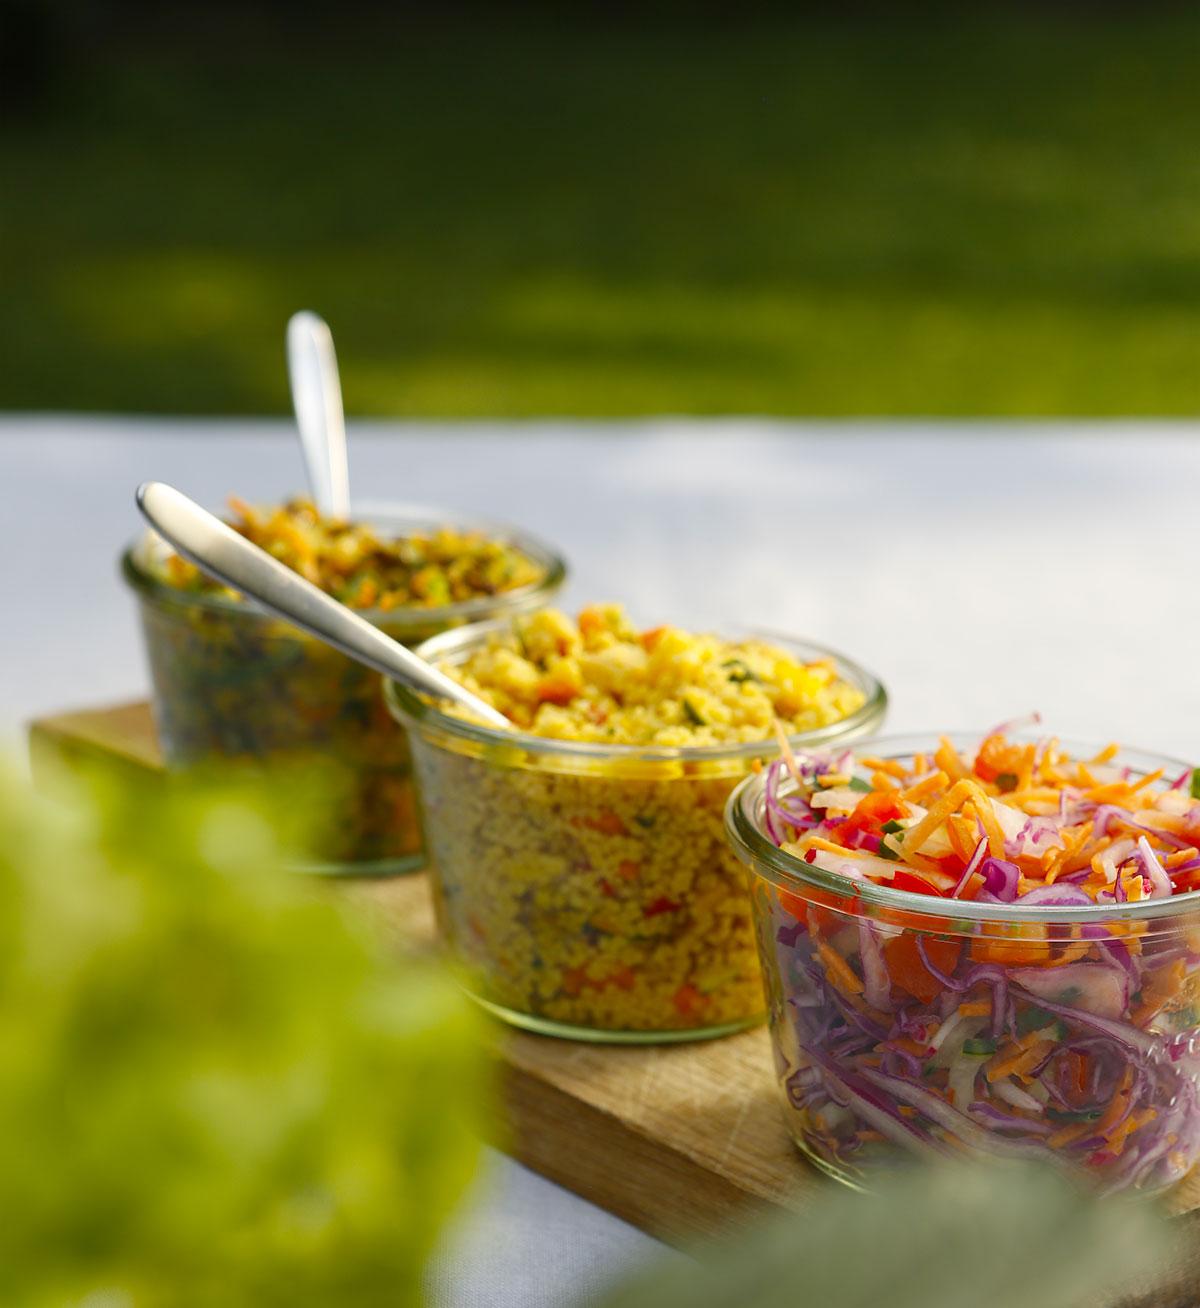 wolfgemacht-selbstgemacht-salate-im-glas